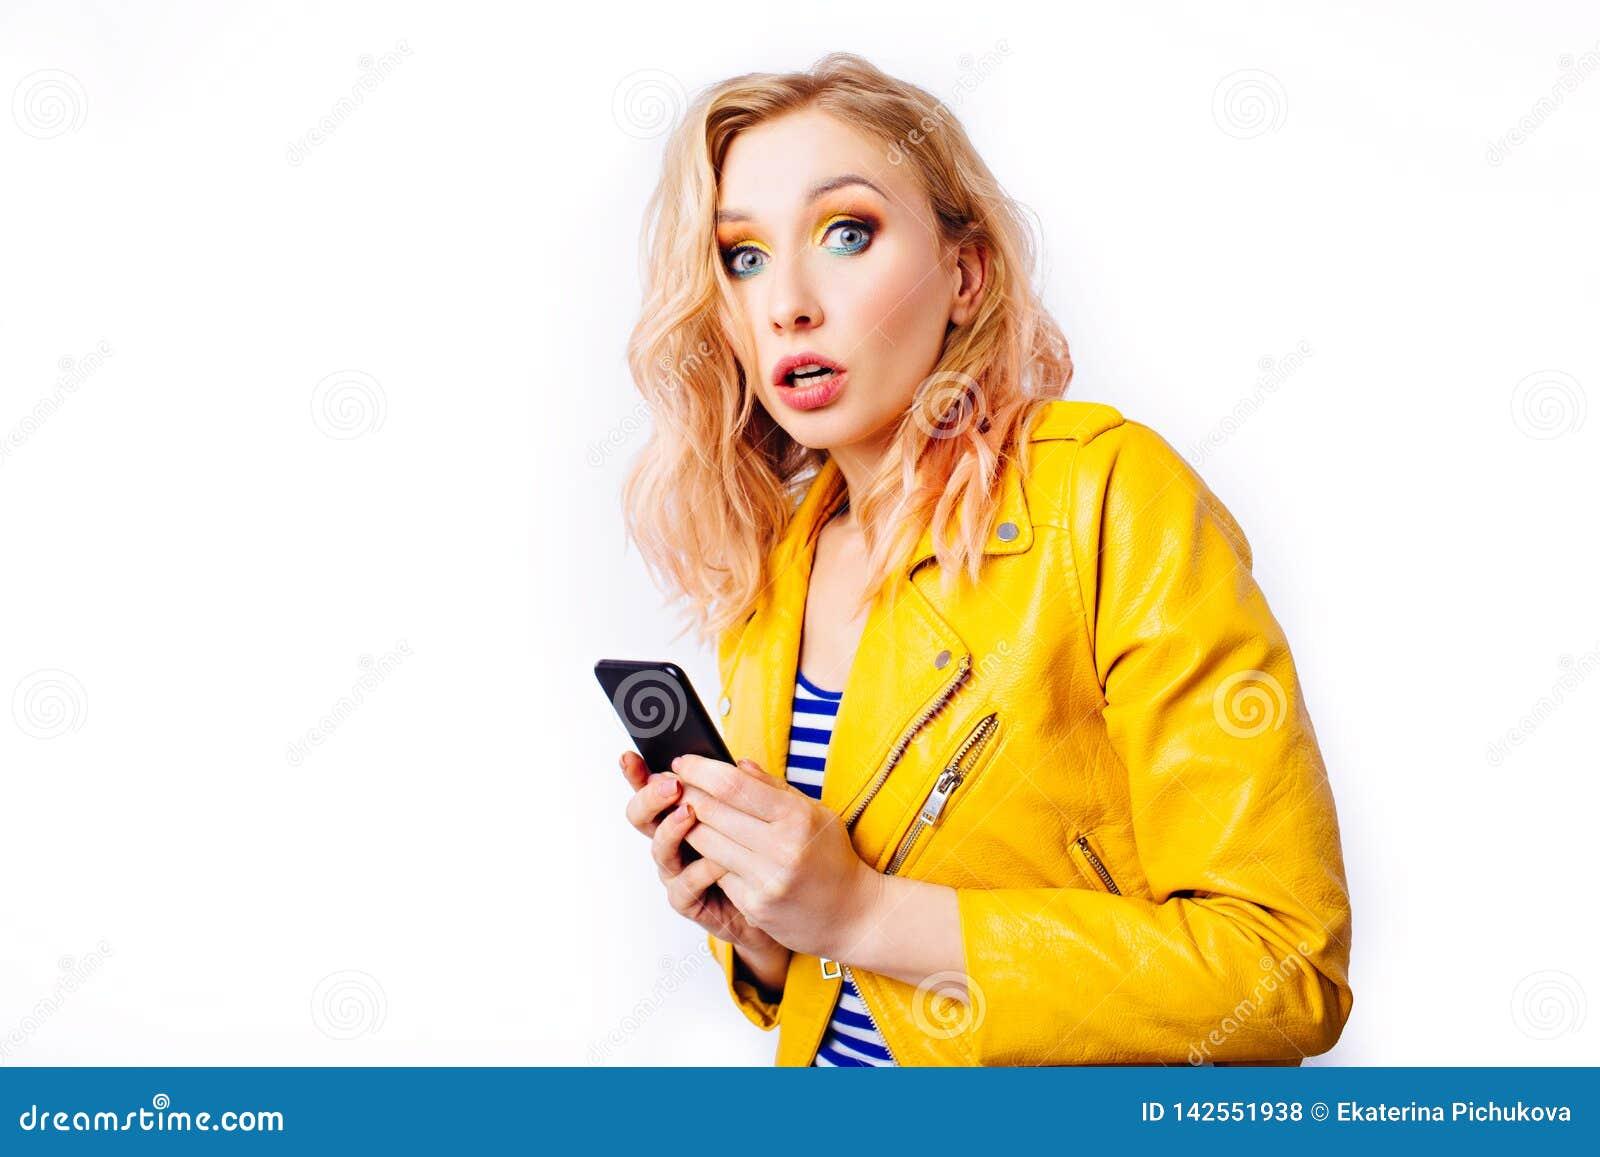 Удивленная белокурая девушка со смартфоном